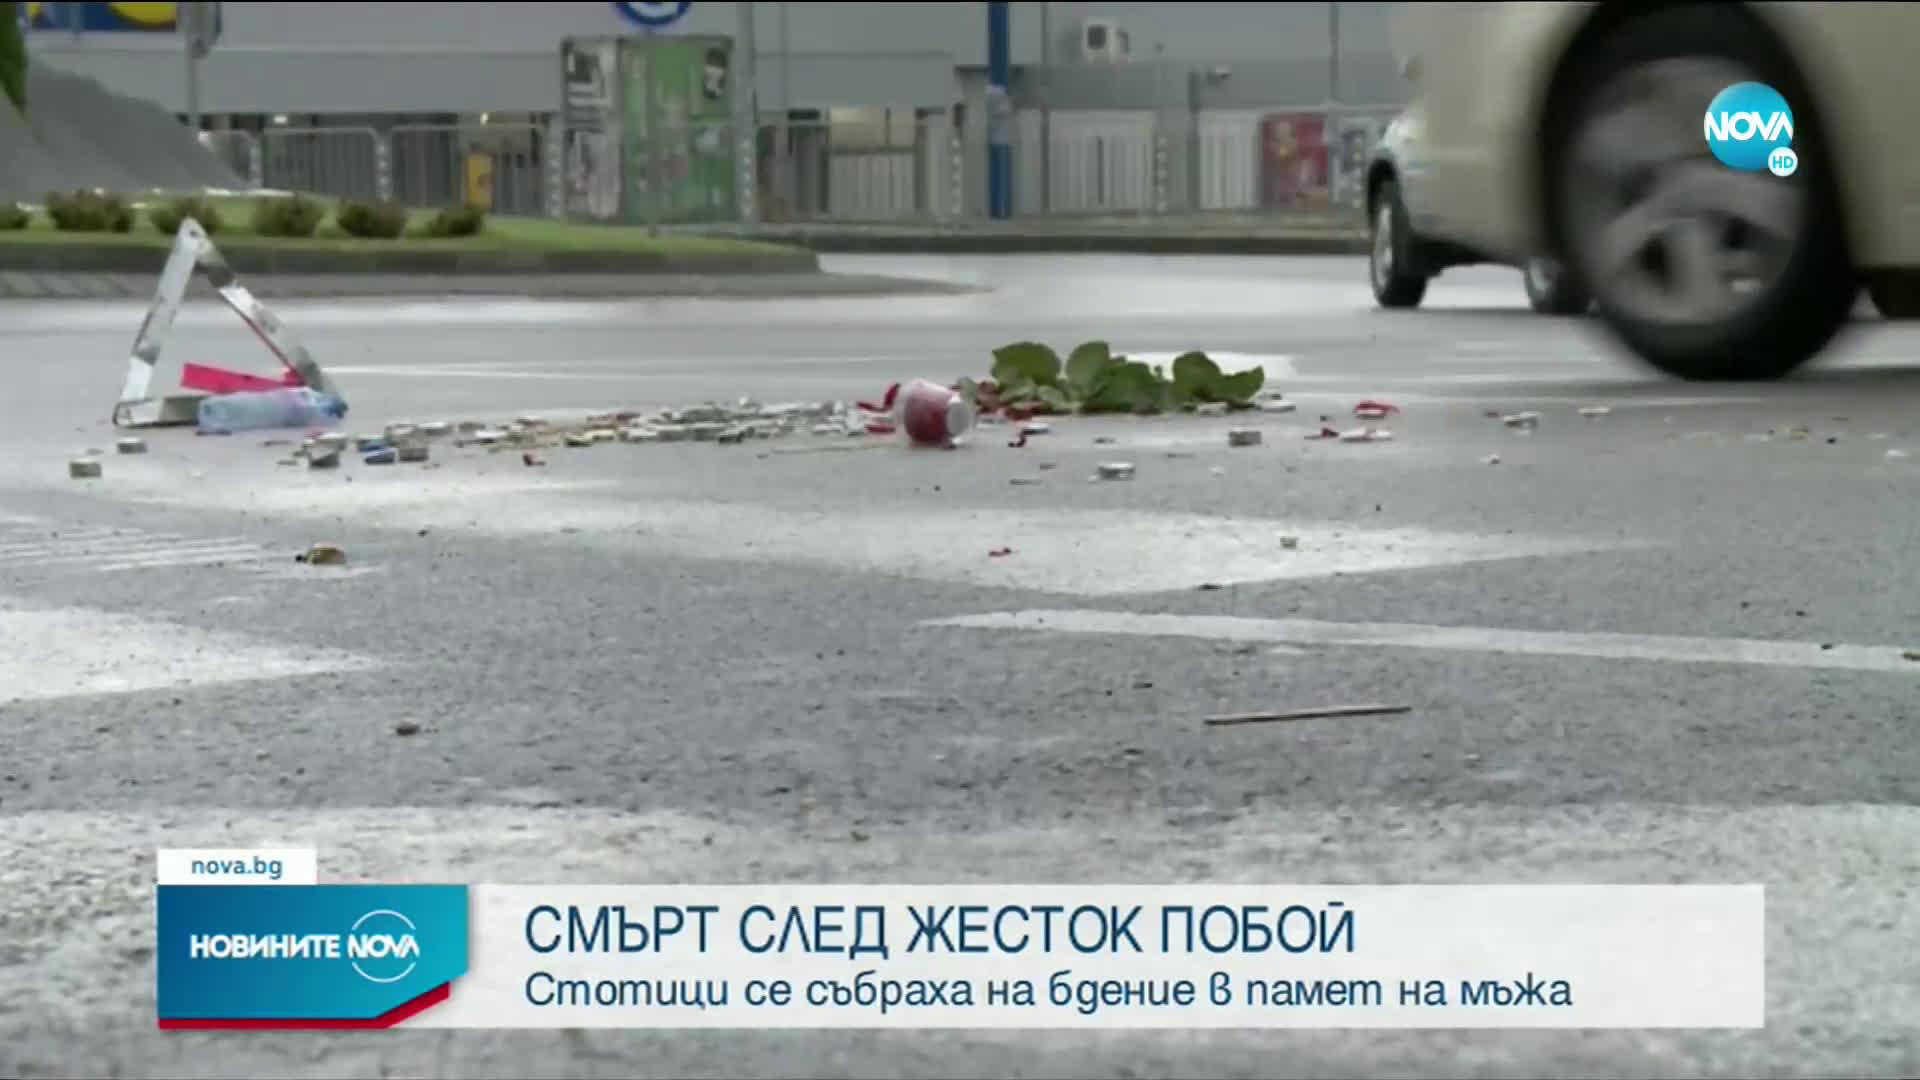 Мъж почина след жесток побой в Петрич